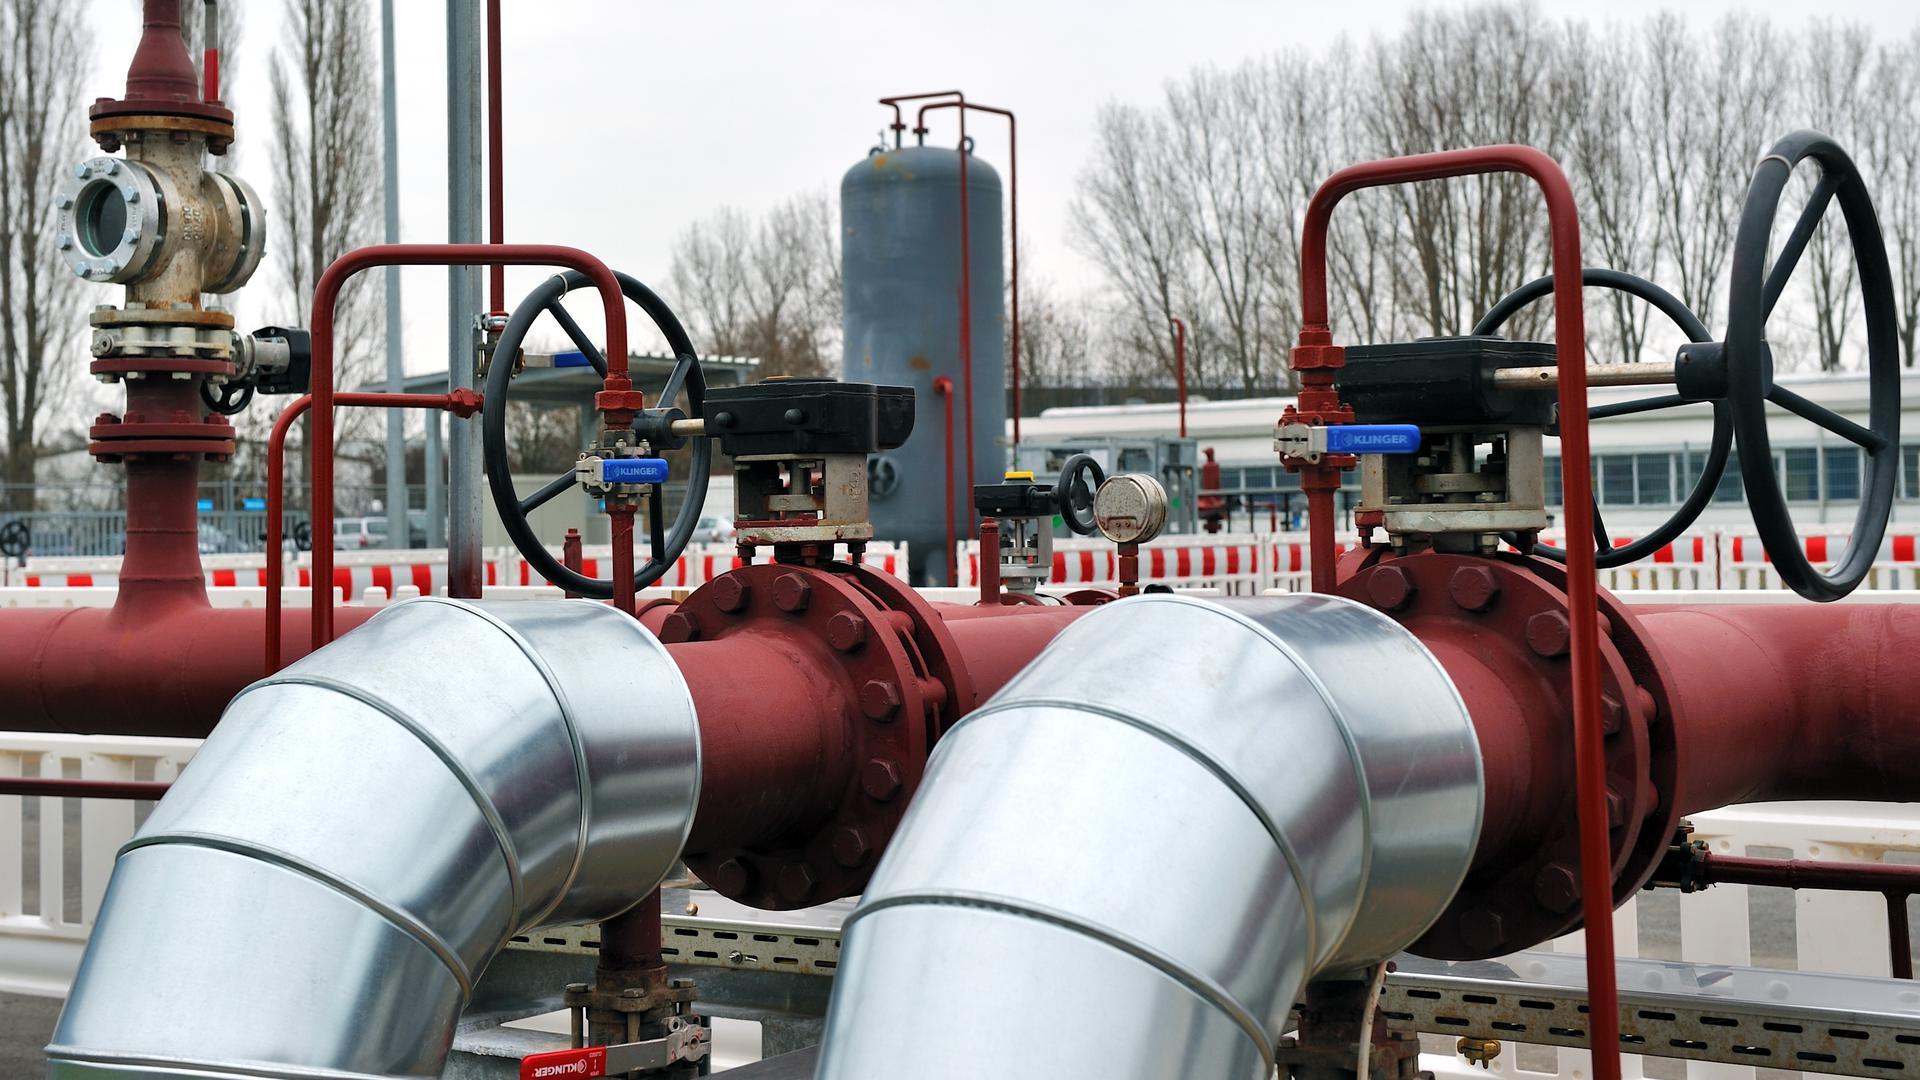 Energie aus dem Erdinneren: Geothermie-Projekte, wie hier in Bruchsal, sind bei einigen Bürgern umstritten